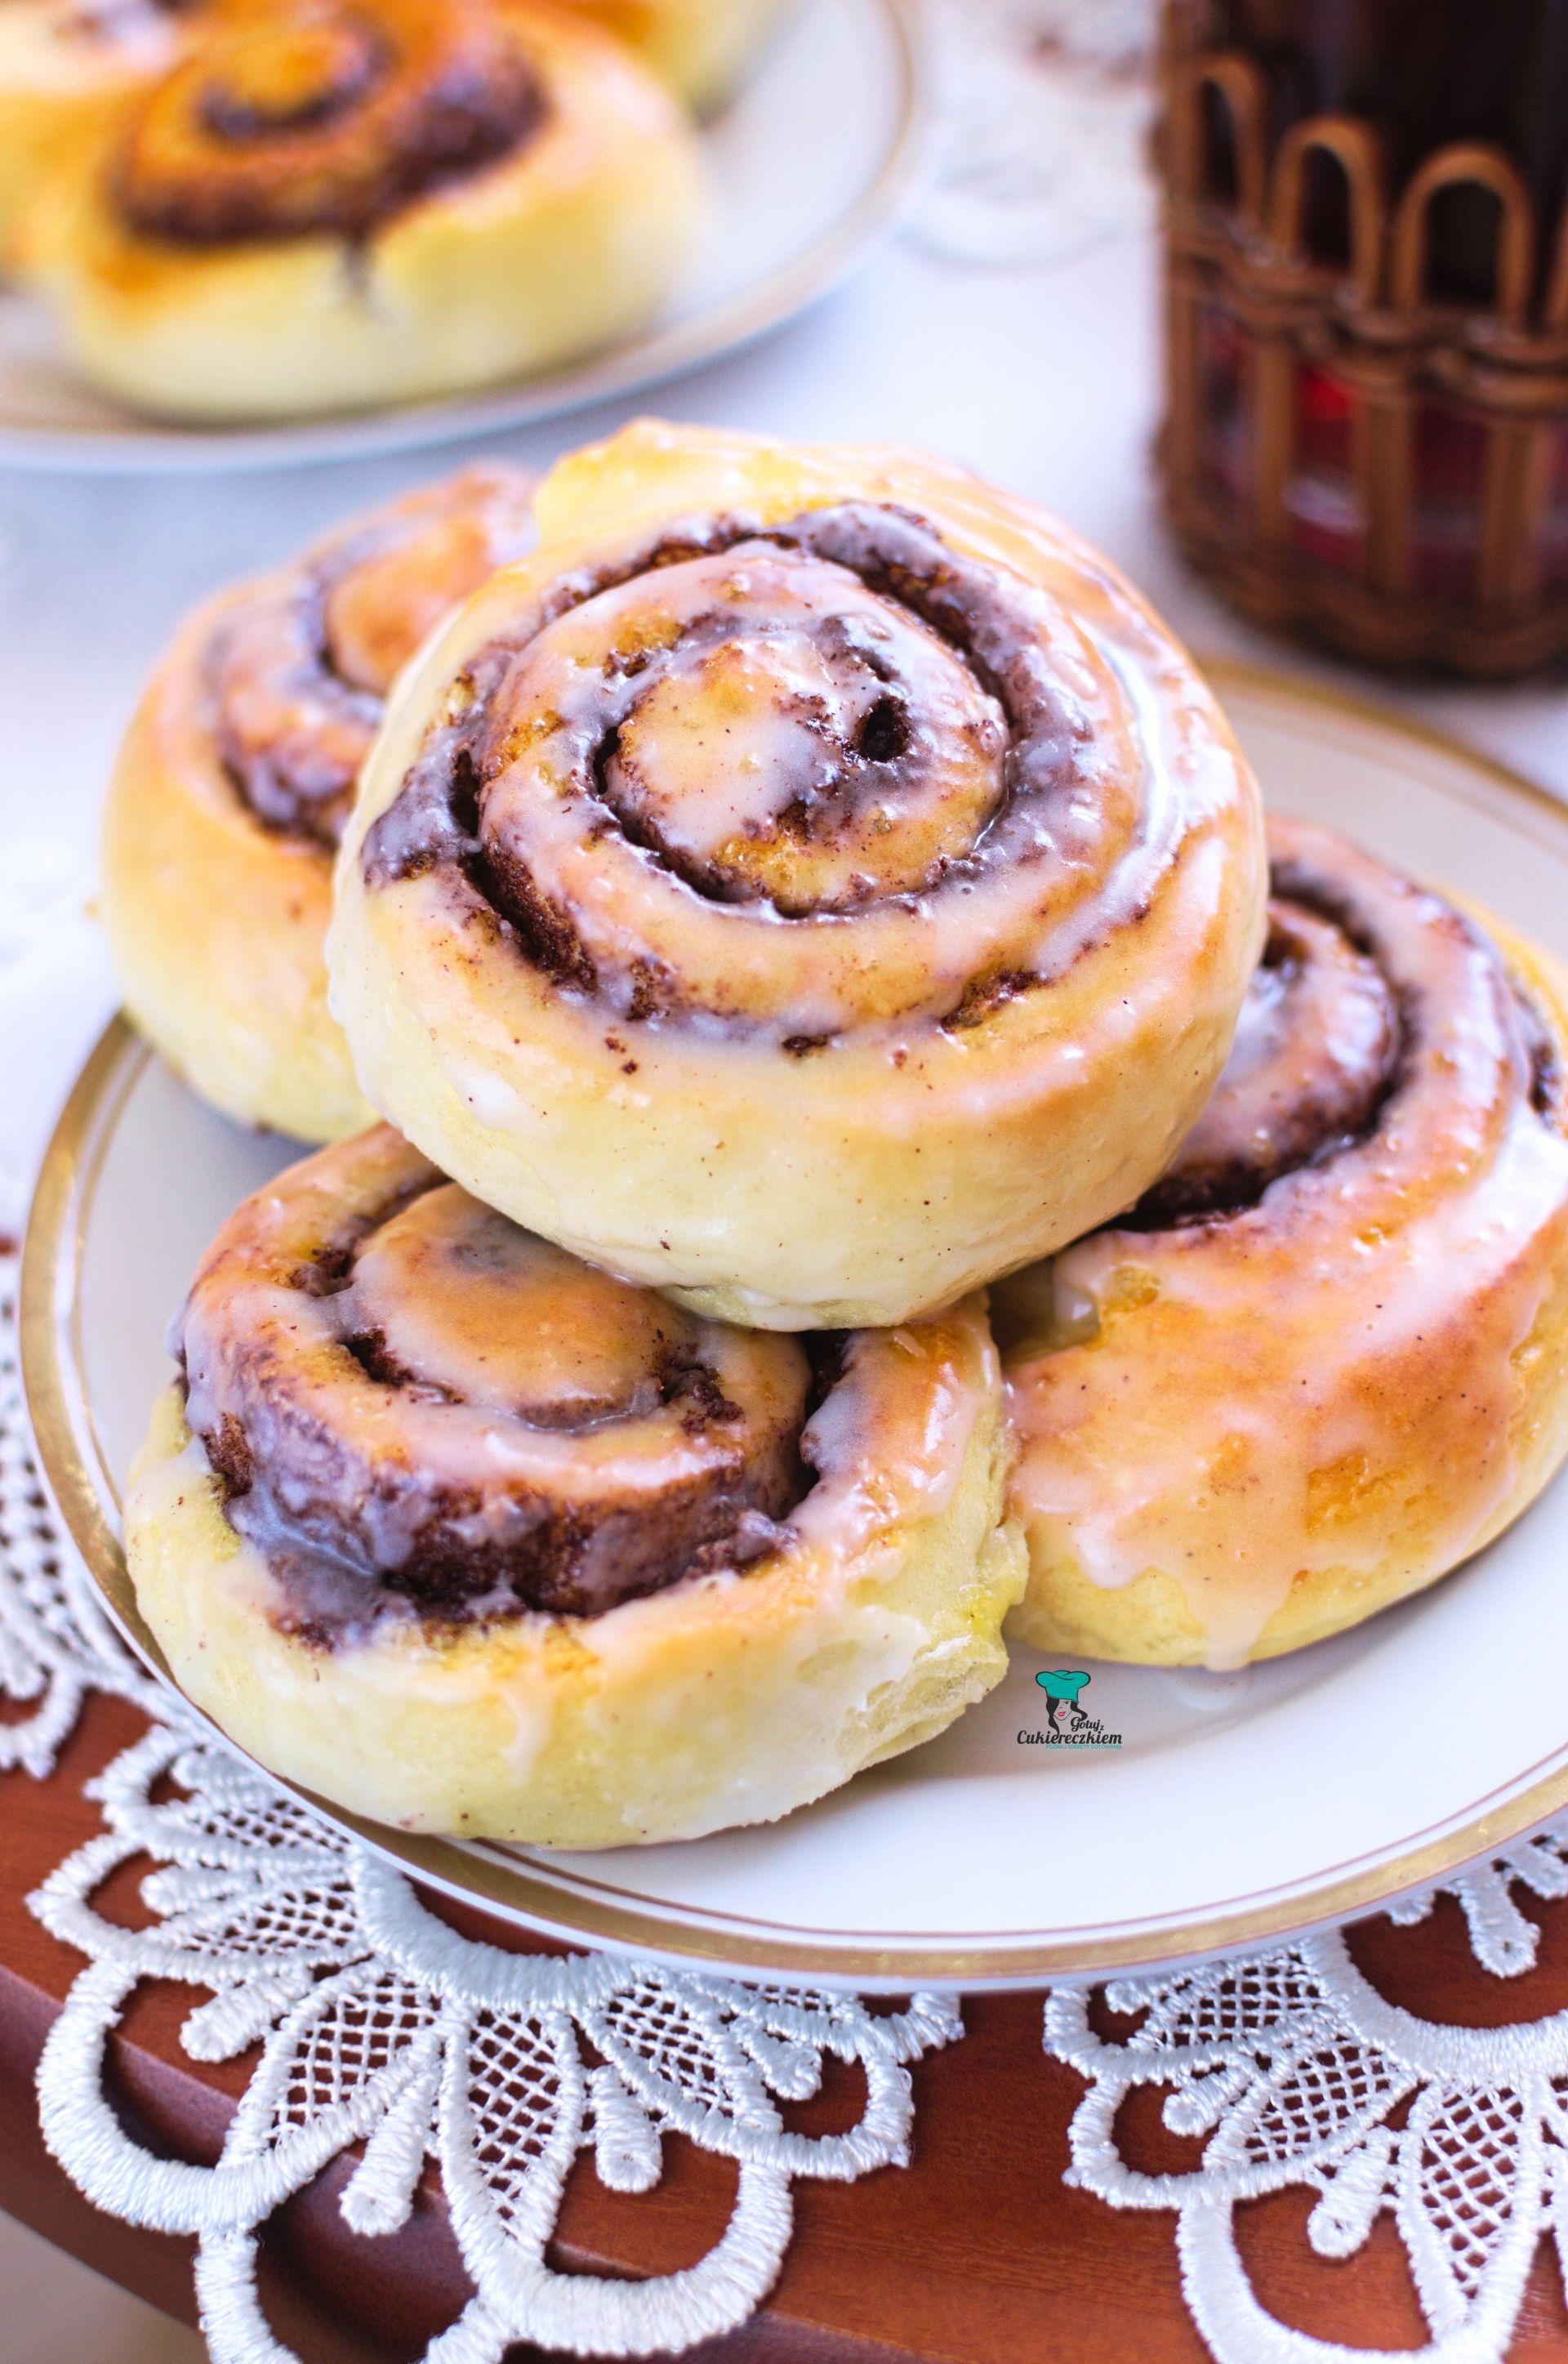 Bułeczki cynamonowe (Cinnamon rolls)